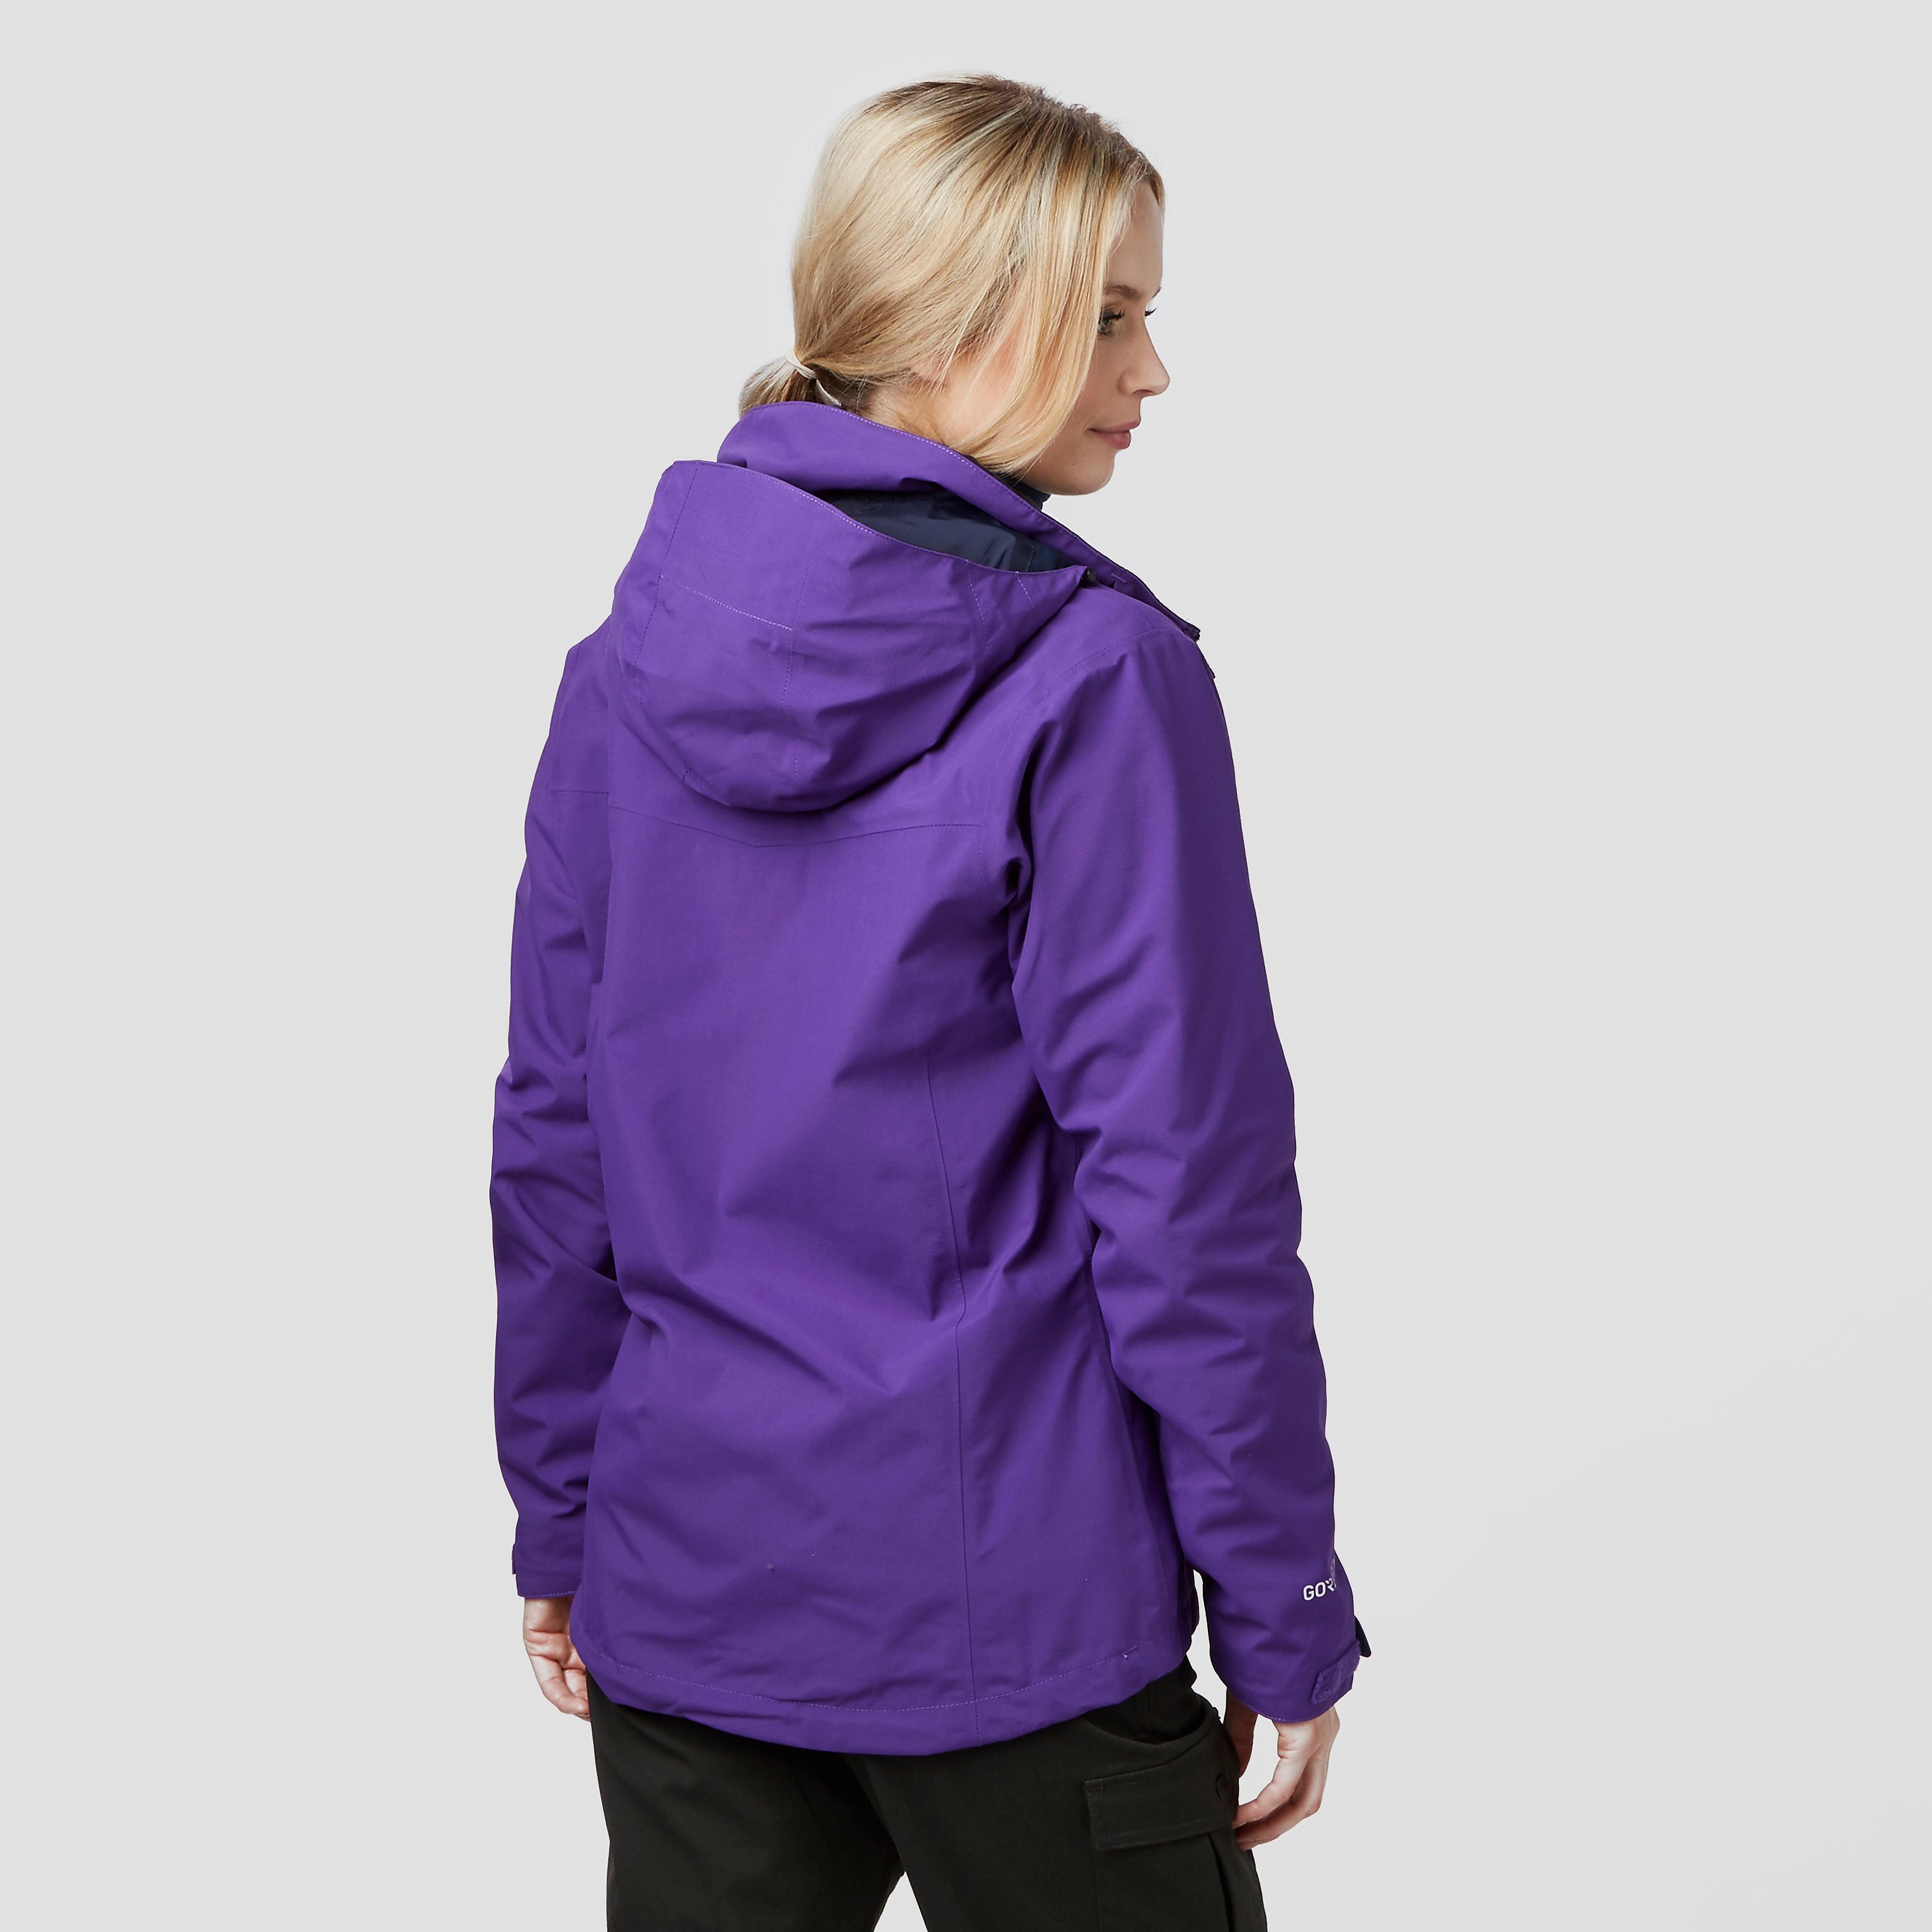 Berghaus Hillwalker Gore-Tex Women's Jacket